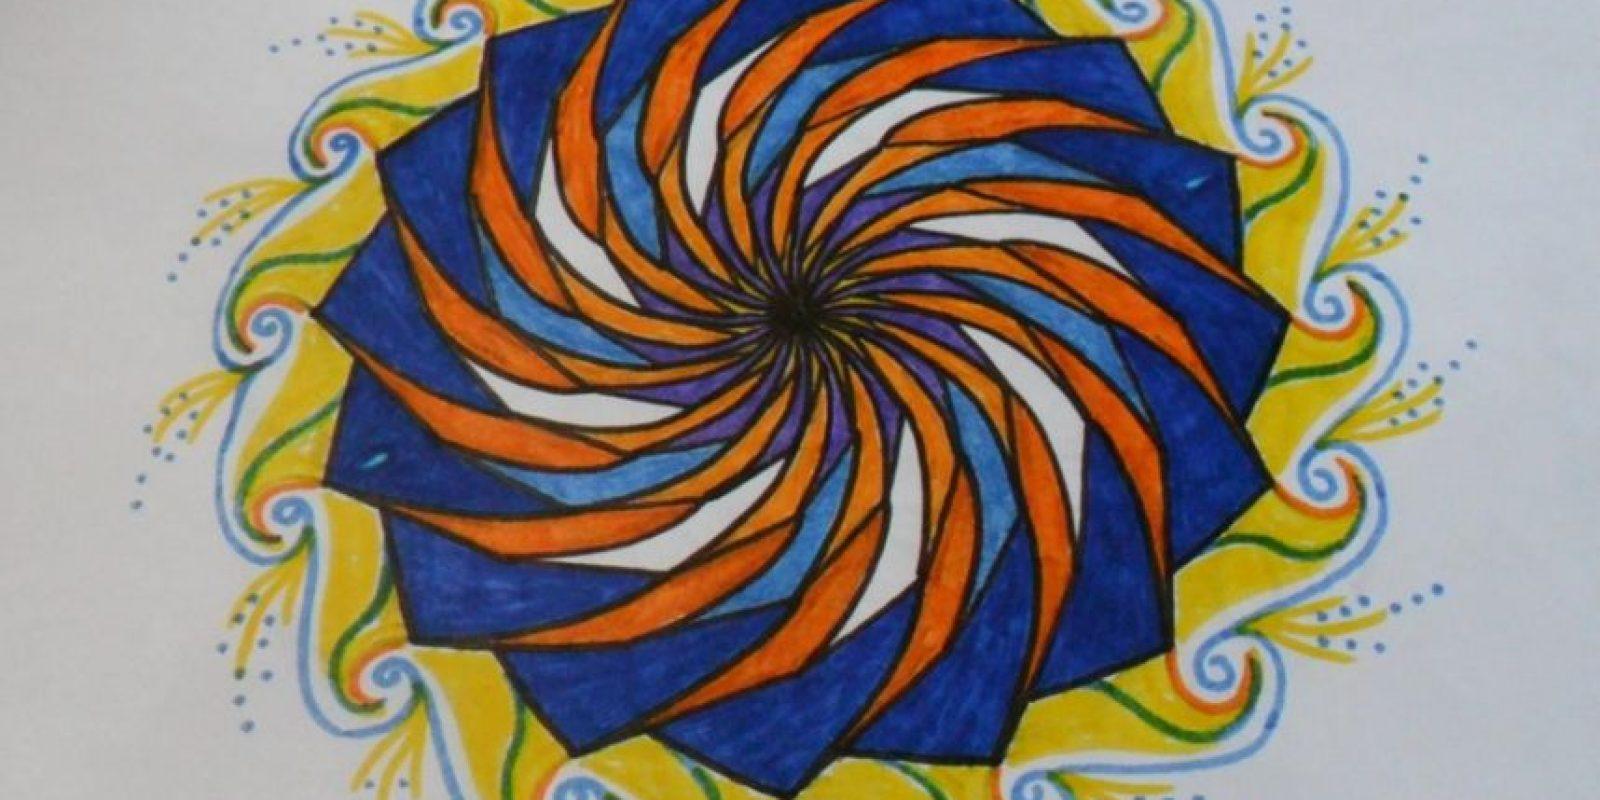 Los mándalas están asociados a la buena energía, colorearlos ayuda a reducir el estrés y es una buena actividad tanto para adultos como para niños, compartió el sitio uruguayo Ir21. Foto:Tumblr.com/Tagged-mandalas